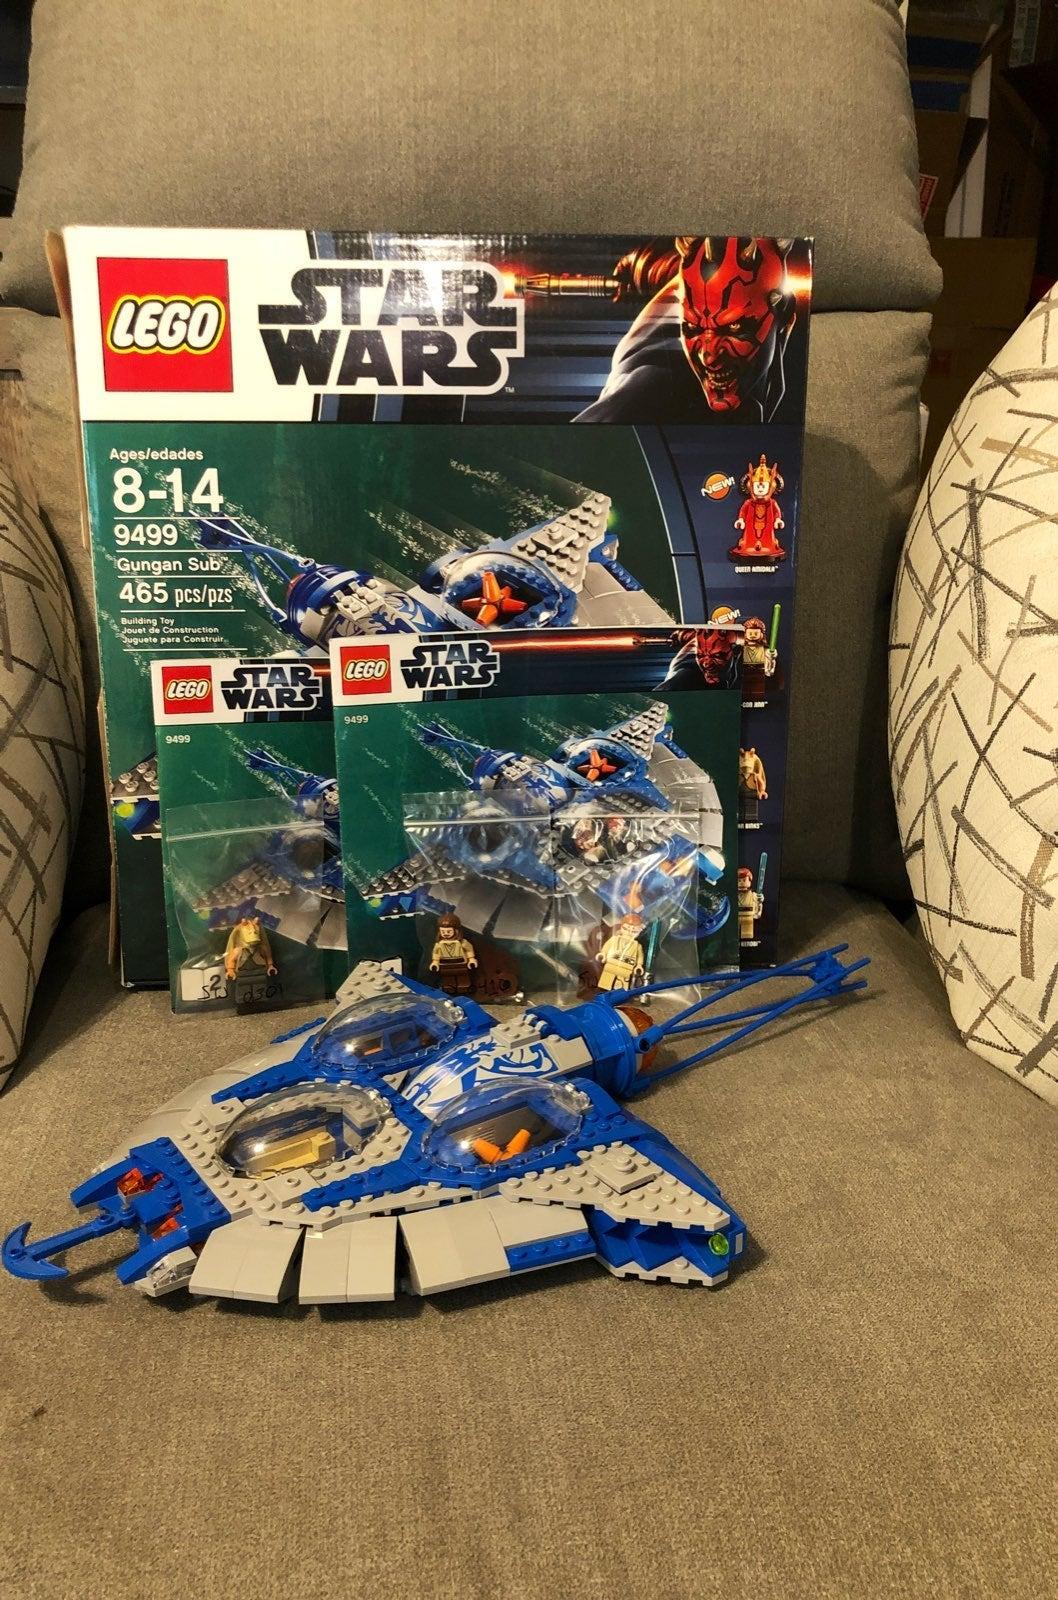 LEGO Star Wars set 9499